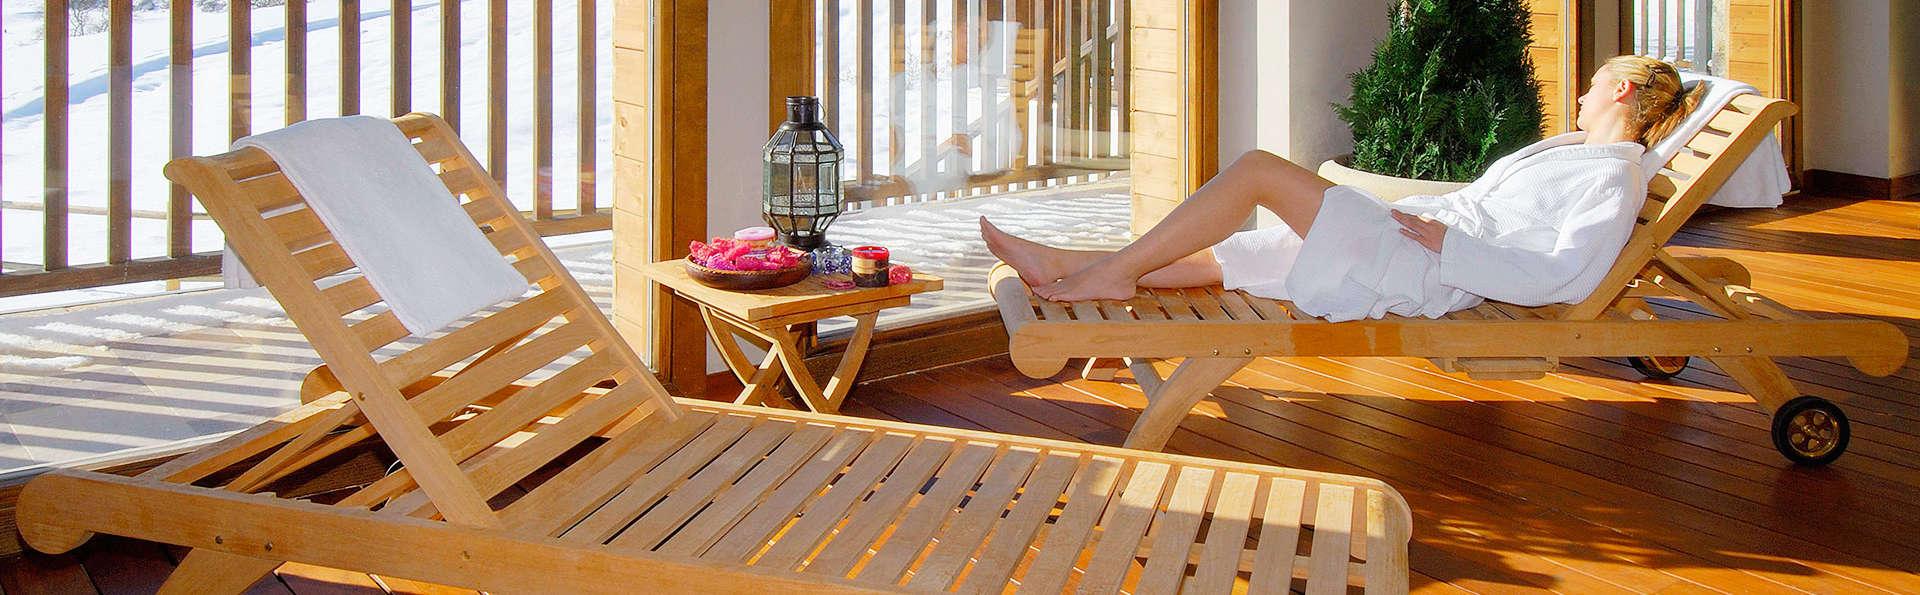 Escapada con cena y acceso al spa en habitación con vistas a la montaña